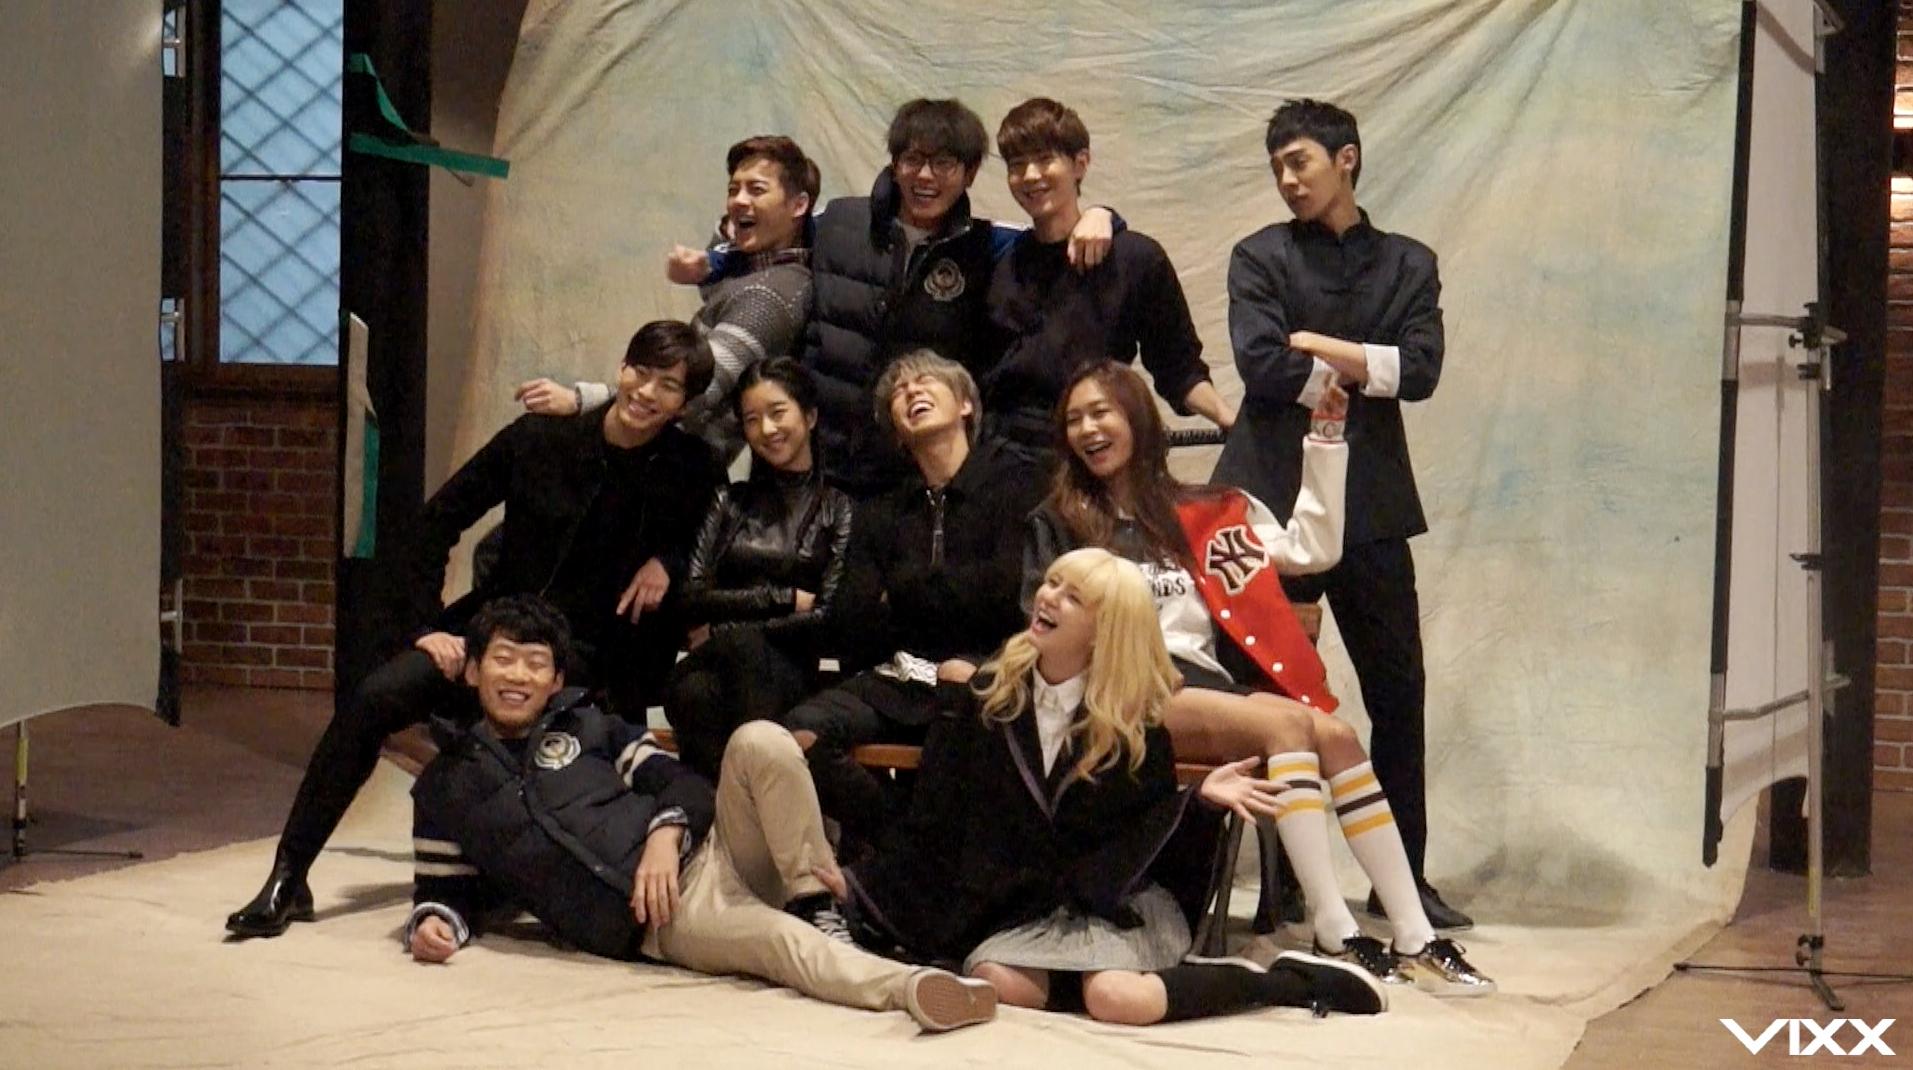 [VIXX] 홍빈 KBS 드라마 '무림학교' 포스터 촬영현장